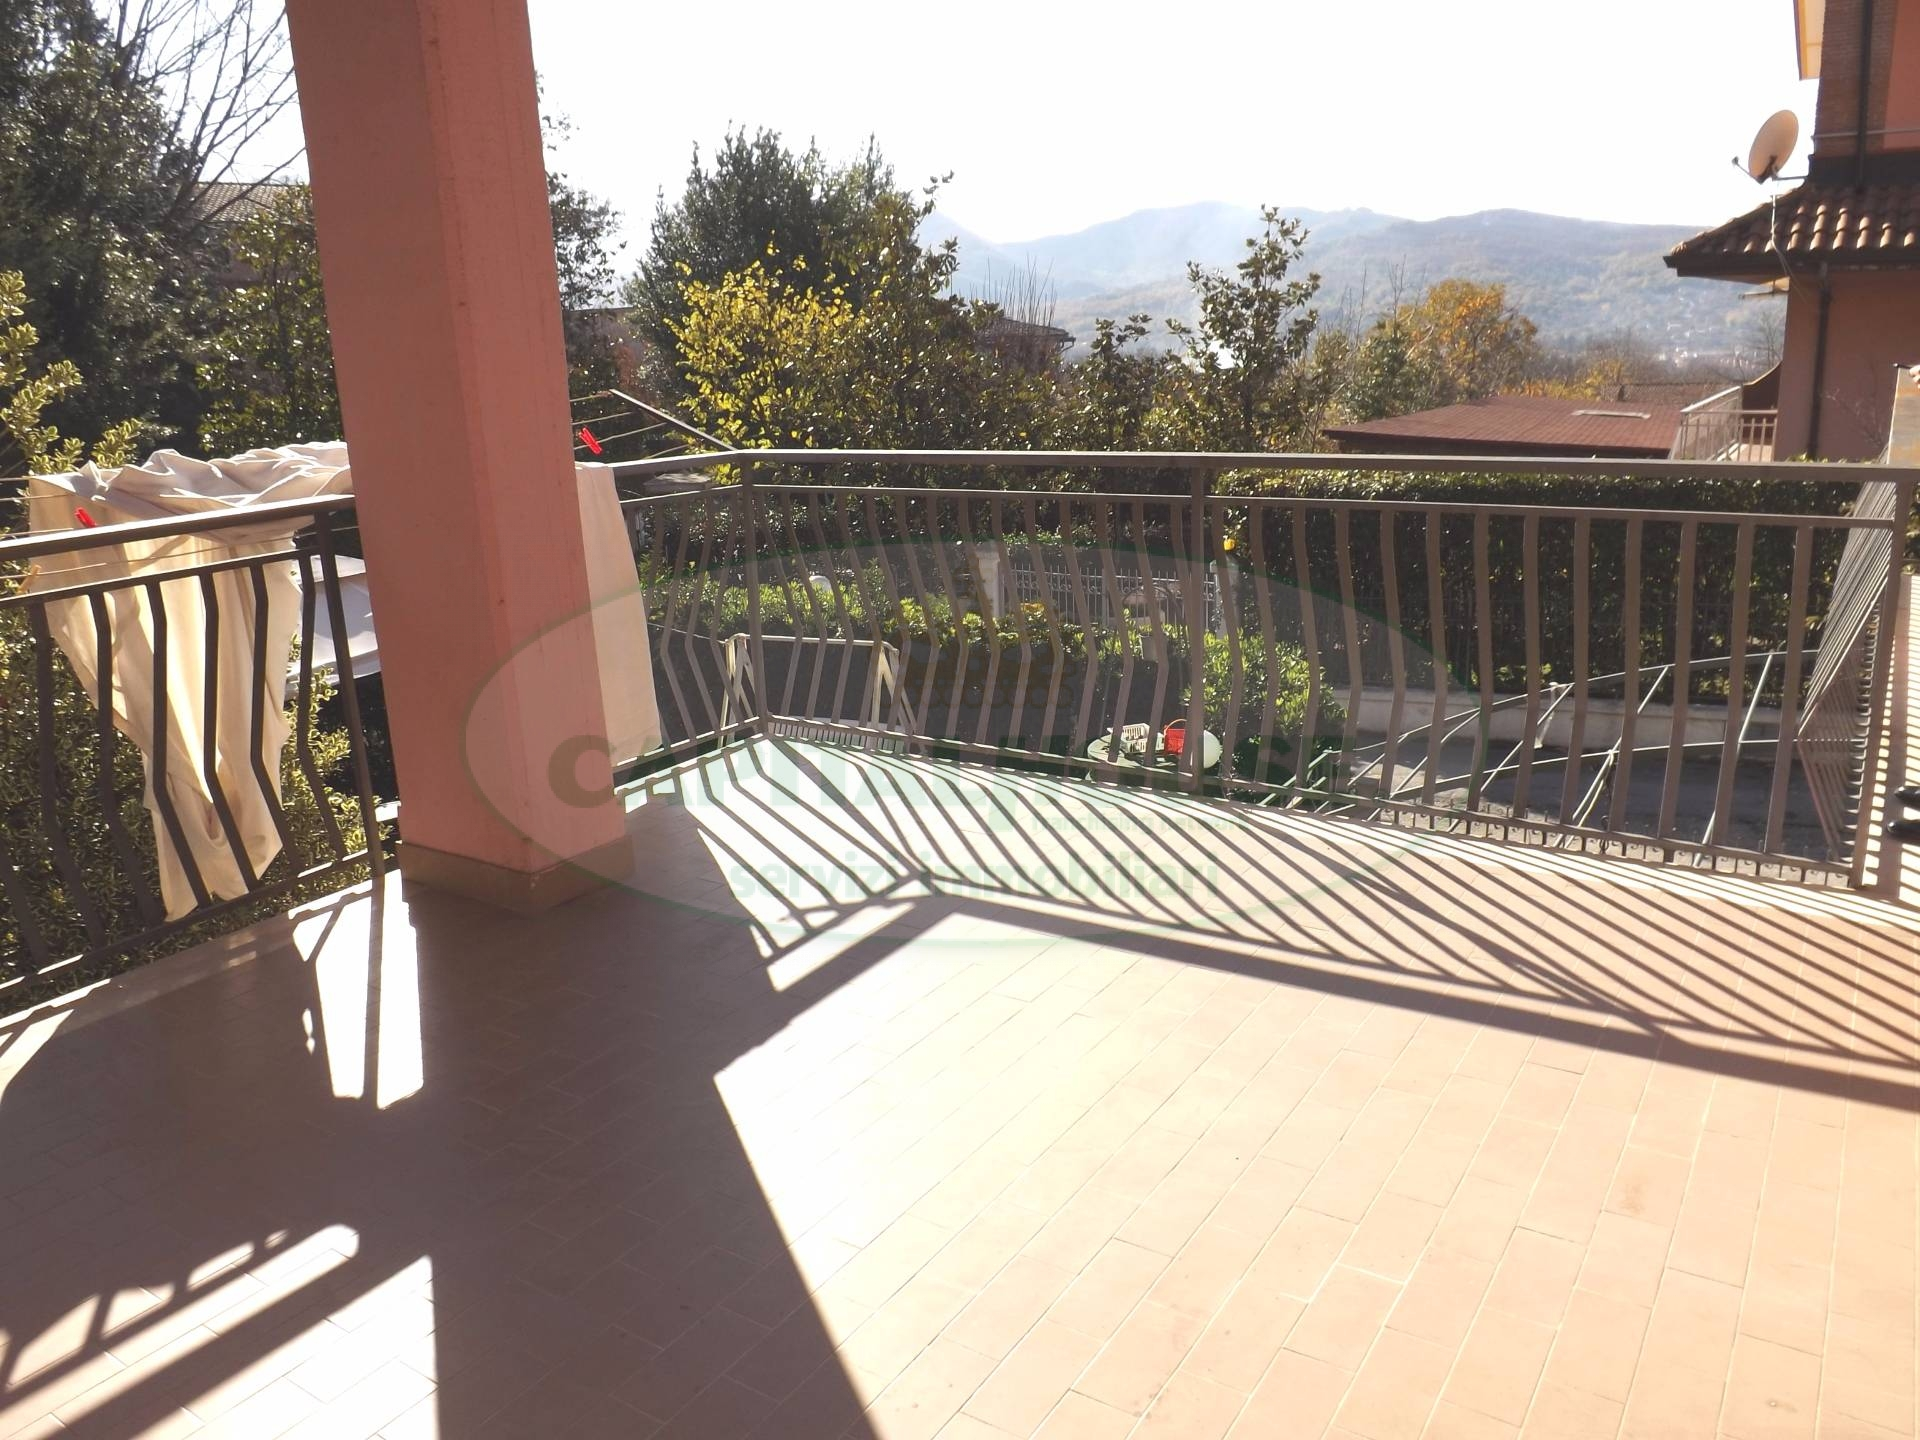 Villa in vendita a Santo Stefano del Sole, 5 locali, prezzo € 190.000 | CambioCasa.it